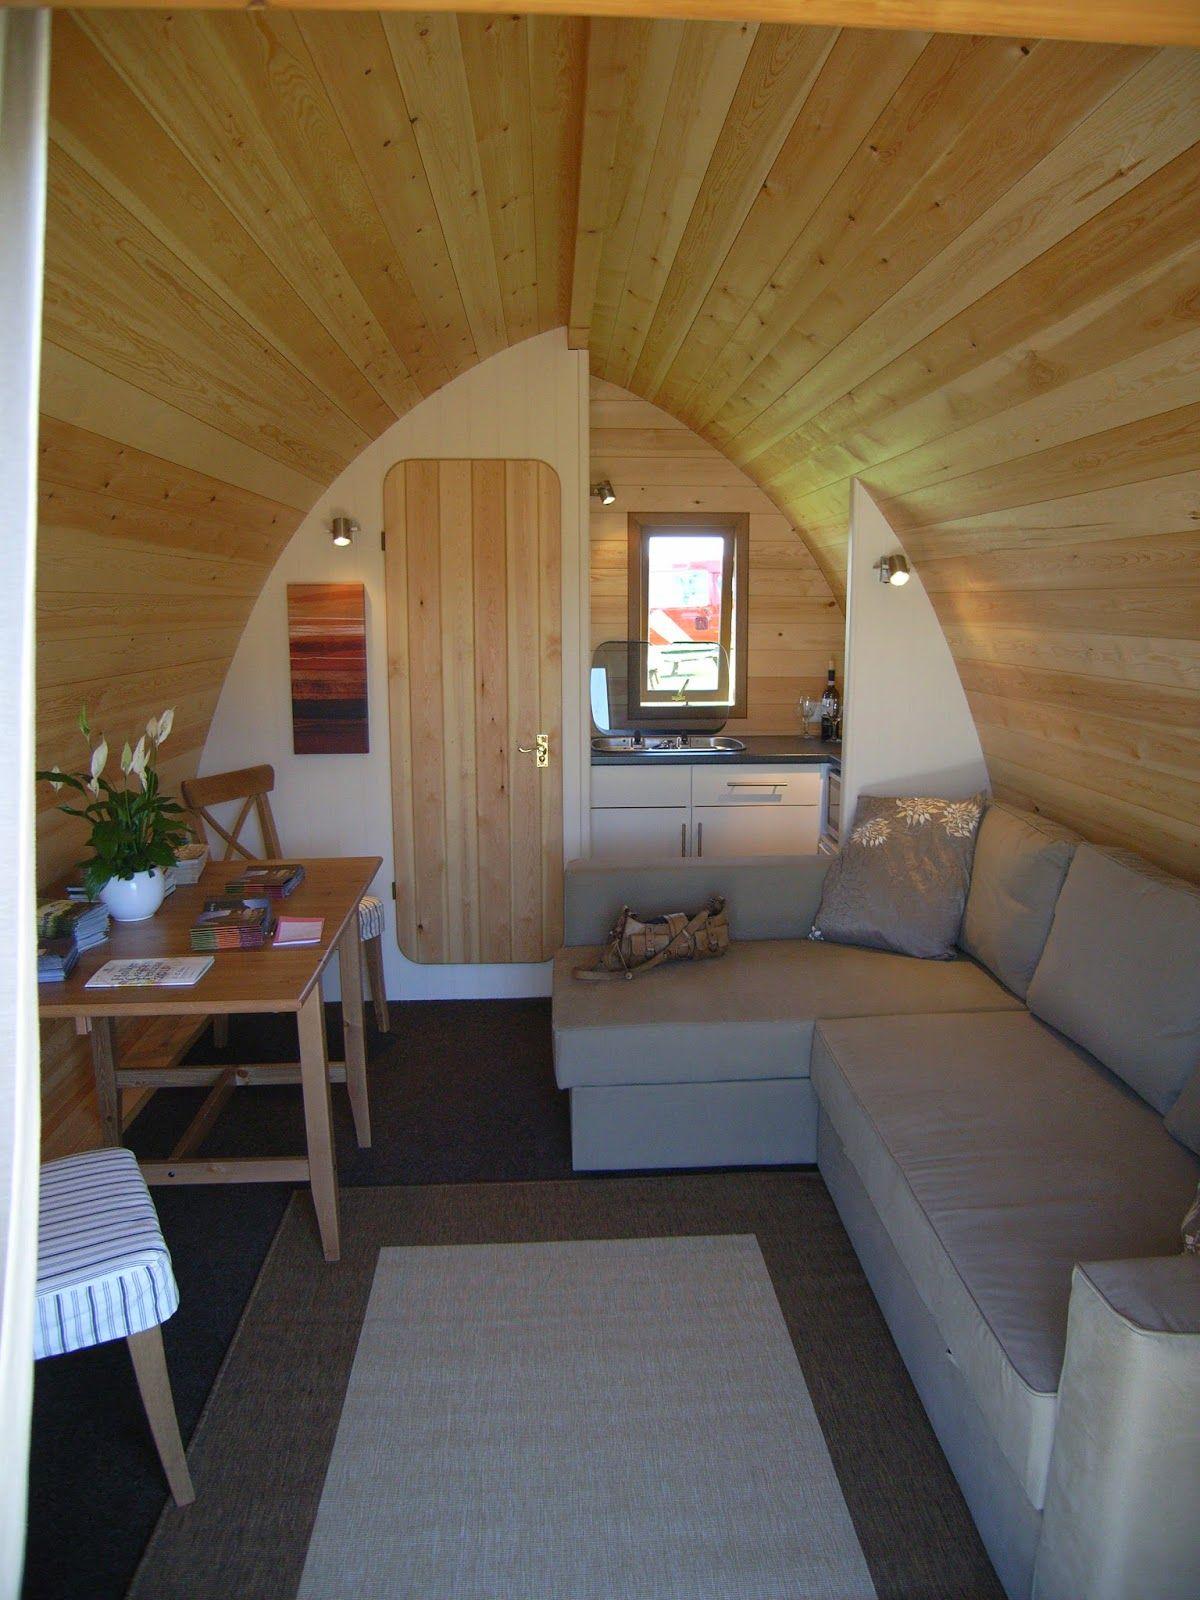 Interni Case Prefabbricate In Legno case prefabbricate in legno : il bungalow megapod® (con